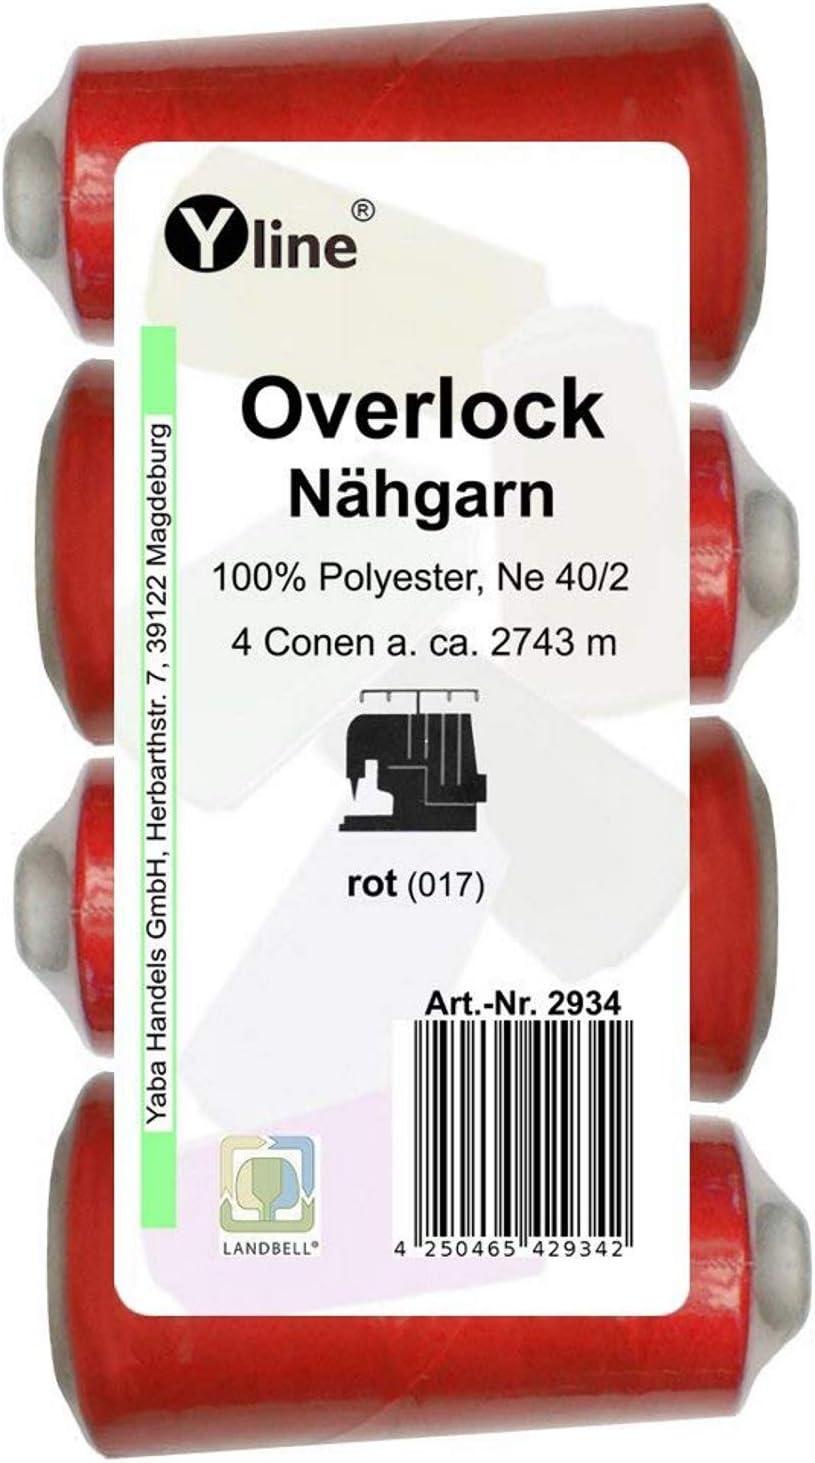 4 bobinas Overlock – Hilo de coser rojo, aprox. 2743 m, NE 40/2, 100% poliéster, hilo para máquina de coser, 2934